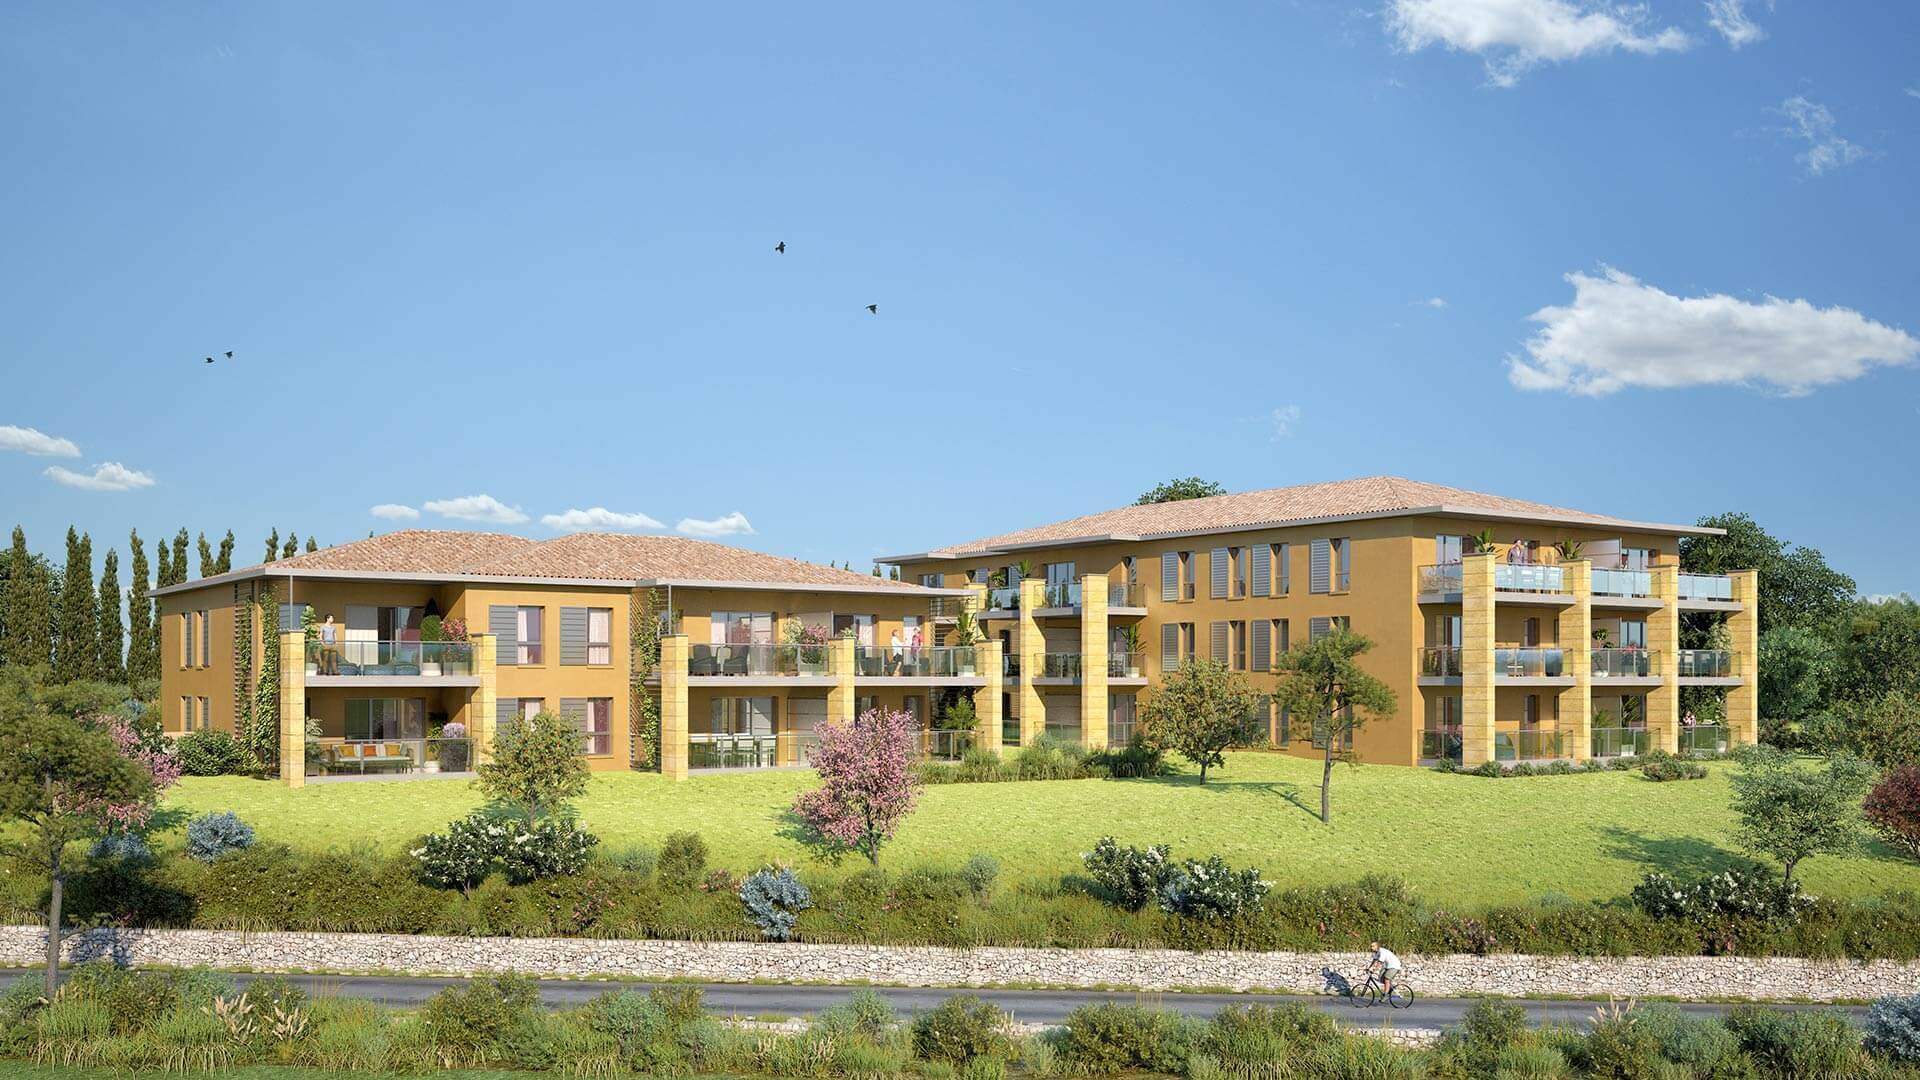 Programme immobilier KAB35 appartement à Aix-En-Provence (13100) Au cœur du quartier Saint Mitre